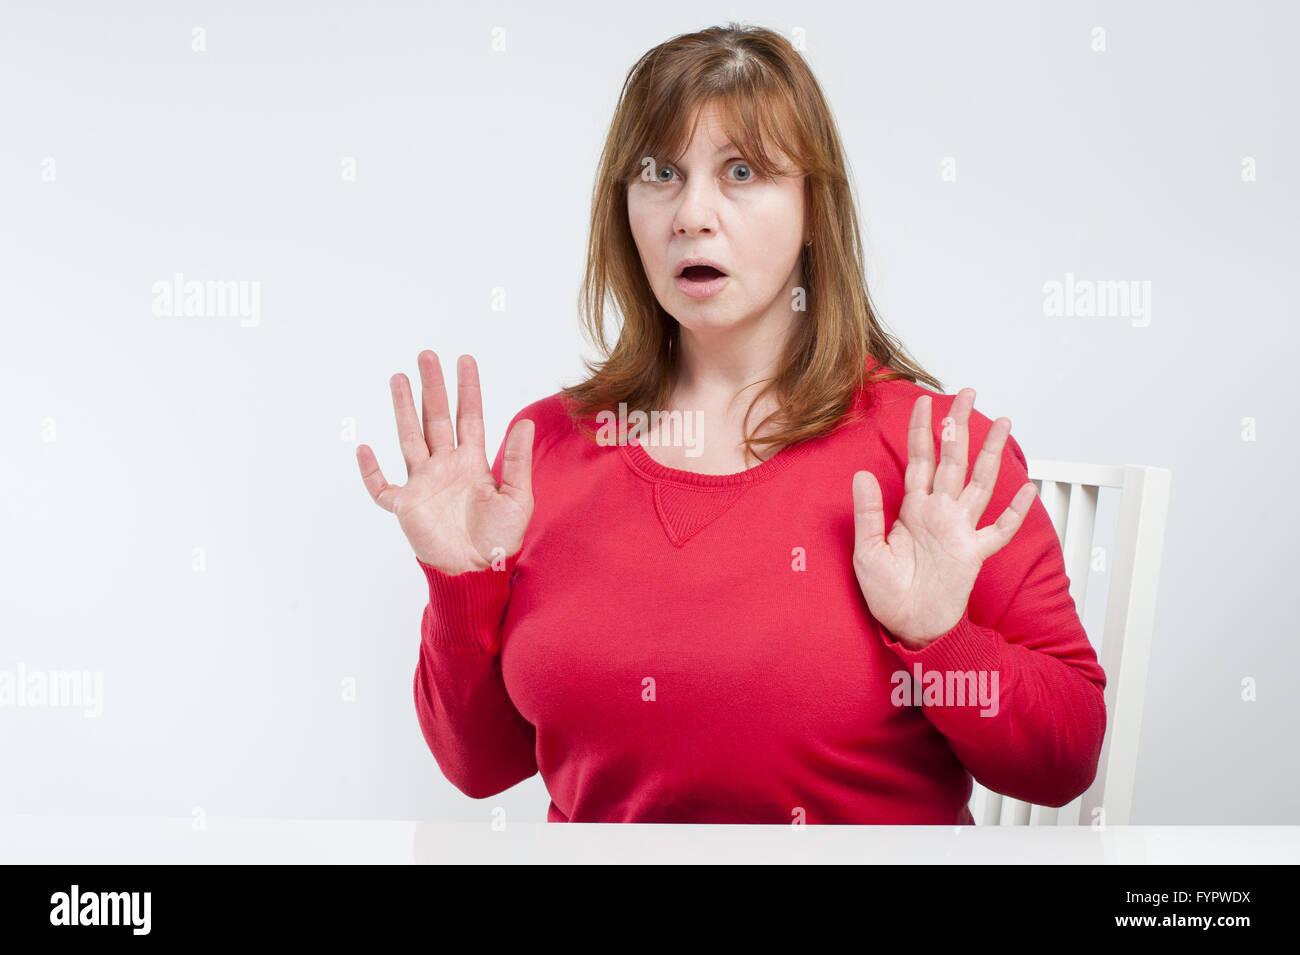 Verängstigte Frau mittleren Alters. Stockfoto